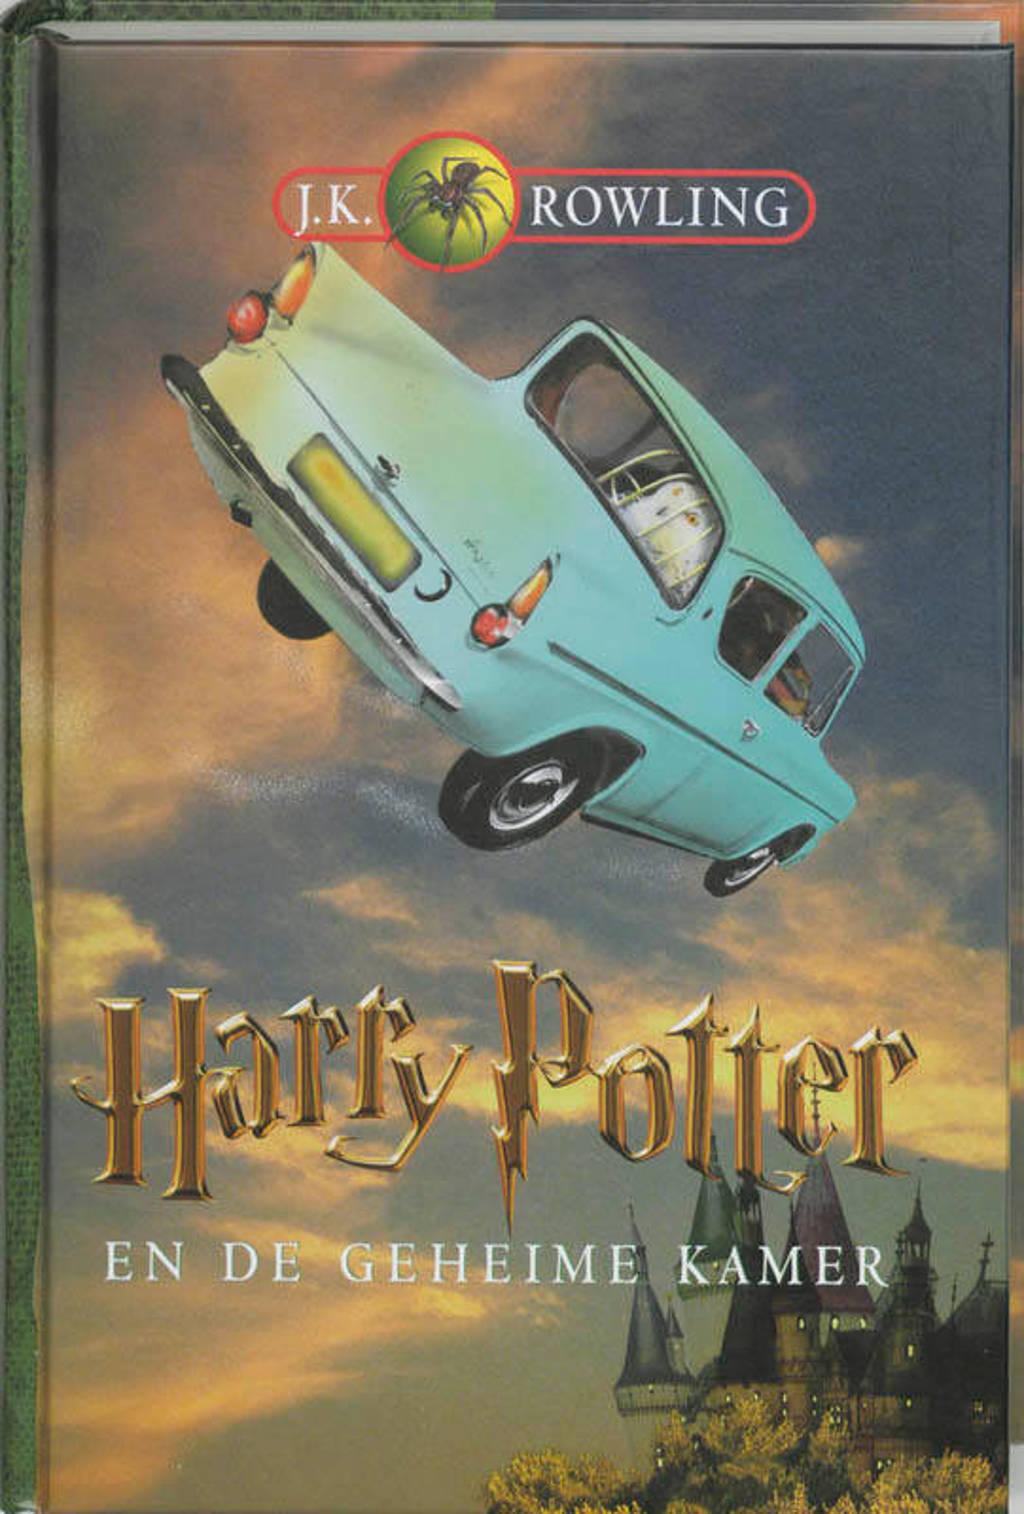 Harry Potter: Harry Potter en de geheime kamer - J.K. Rowling